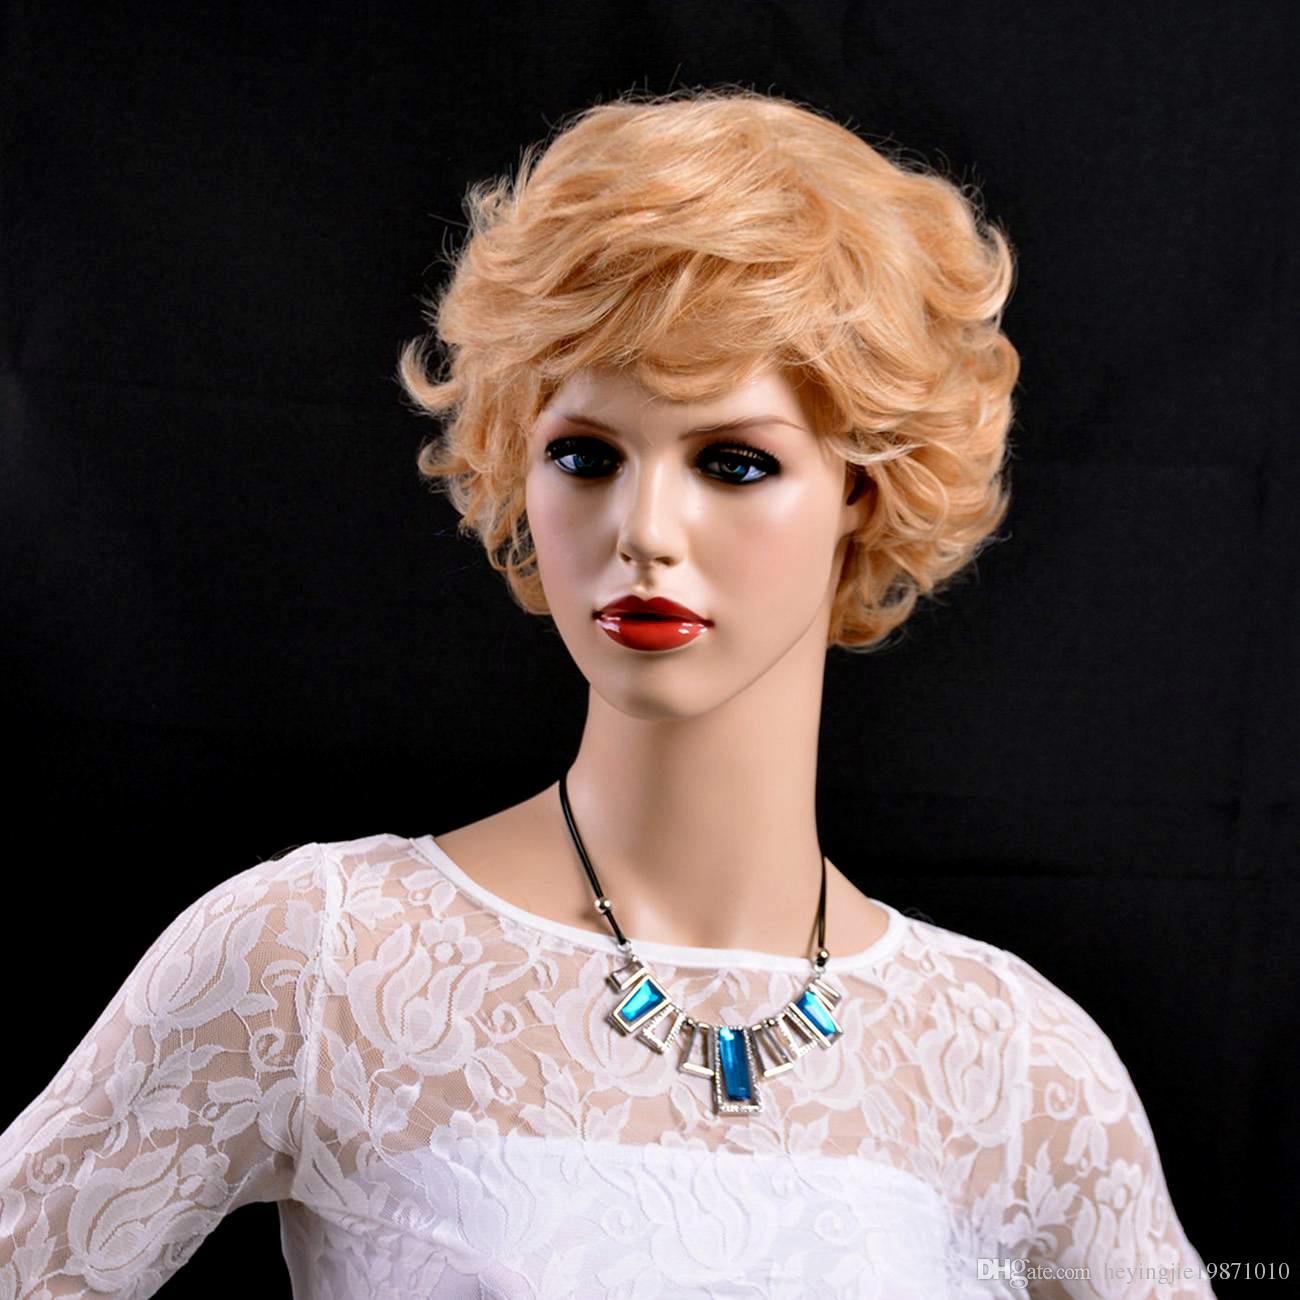 Xiu Zhi Mei eski Kadınlara Yaşlı Lady Gümüş beyaz kısa Peruk yan patlama moda Isıya Dayanıklı sentetik gri saç modelleri saç peruk